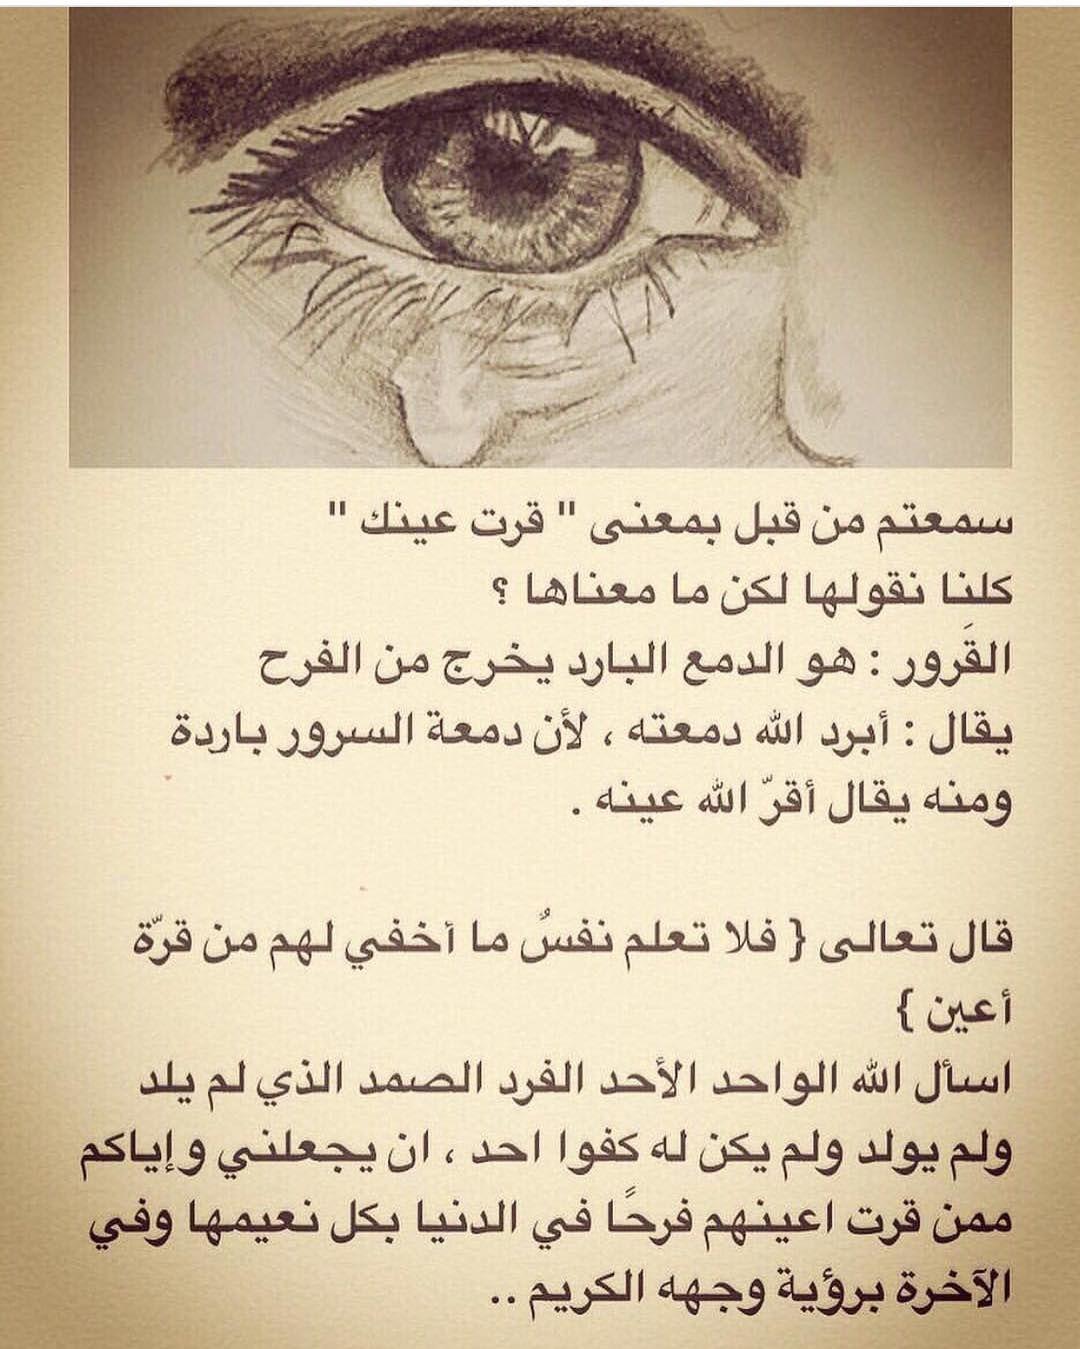 اللهم في هذه الساعه المباركة قر عيني بالذرية الصالحه وقر عين